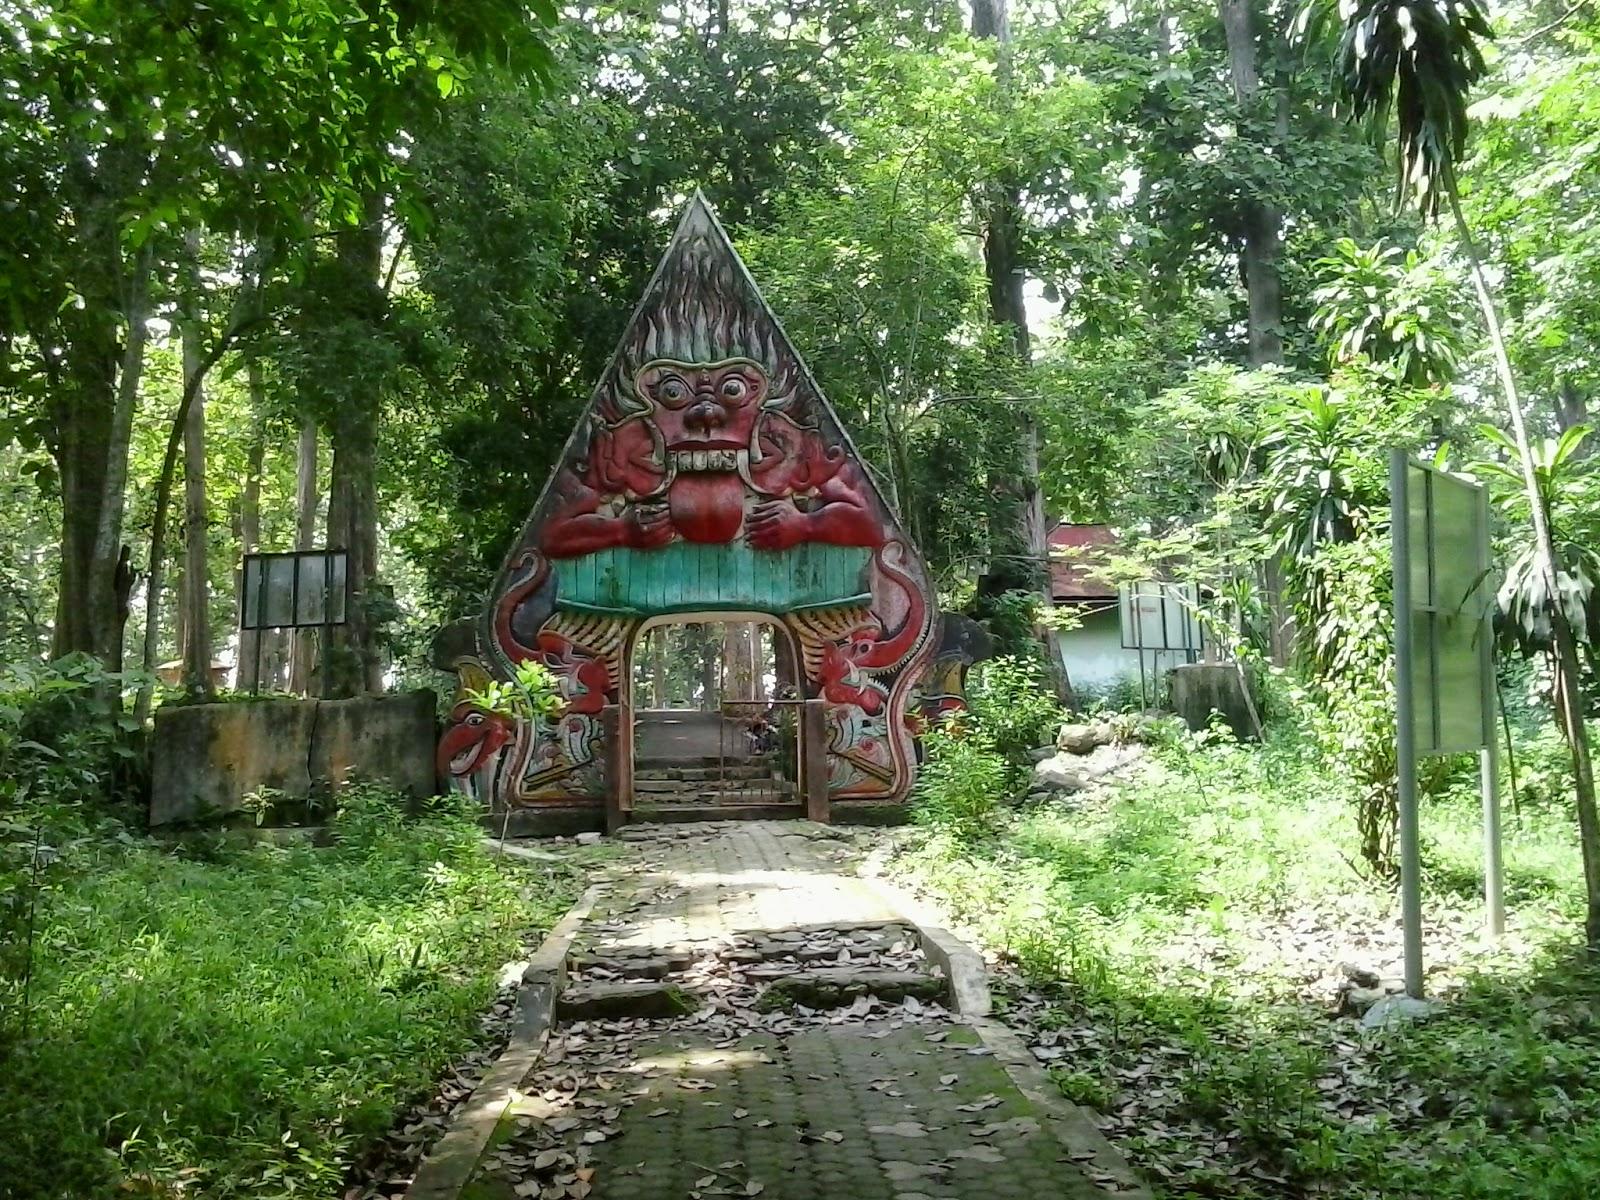 Wisata Alam Sumber Semen Tersembunyi Rembang Jawa Tengah Taman Kab